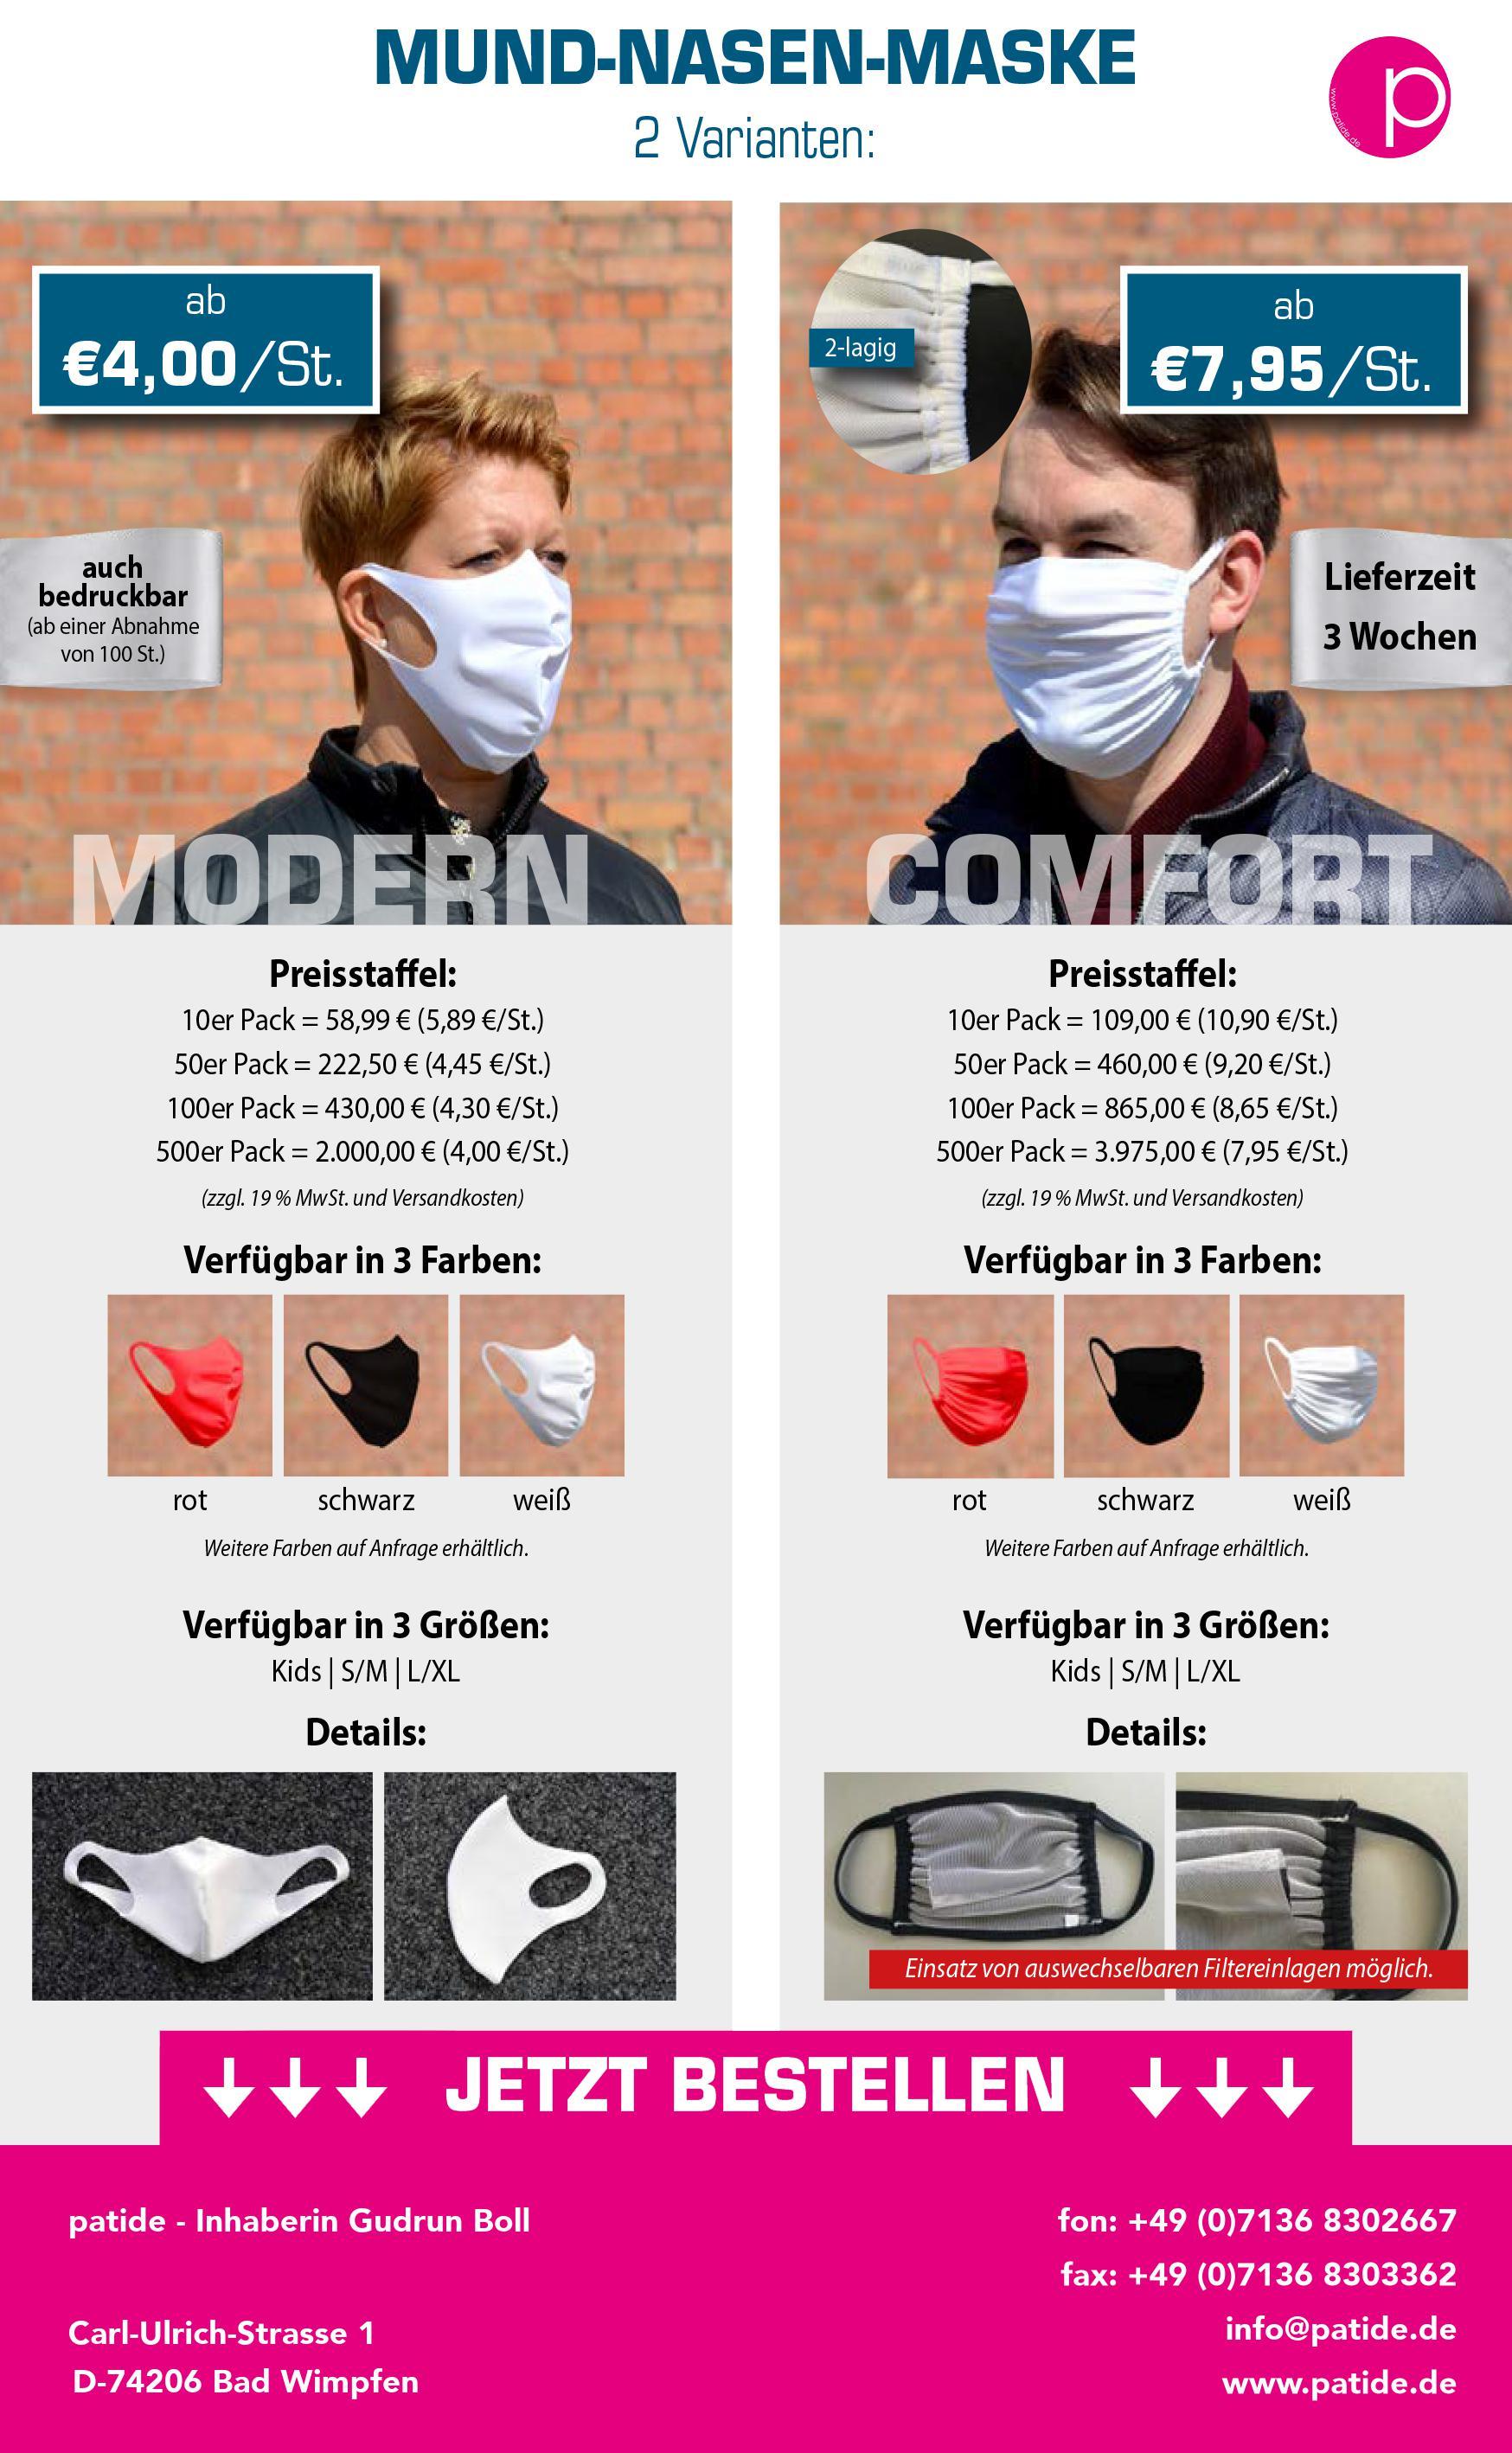 Mund-Nase-Maske, waschbar, wiederverwendbar, made in Germany